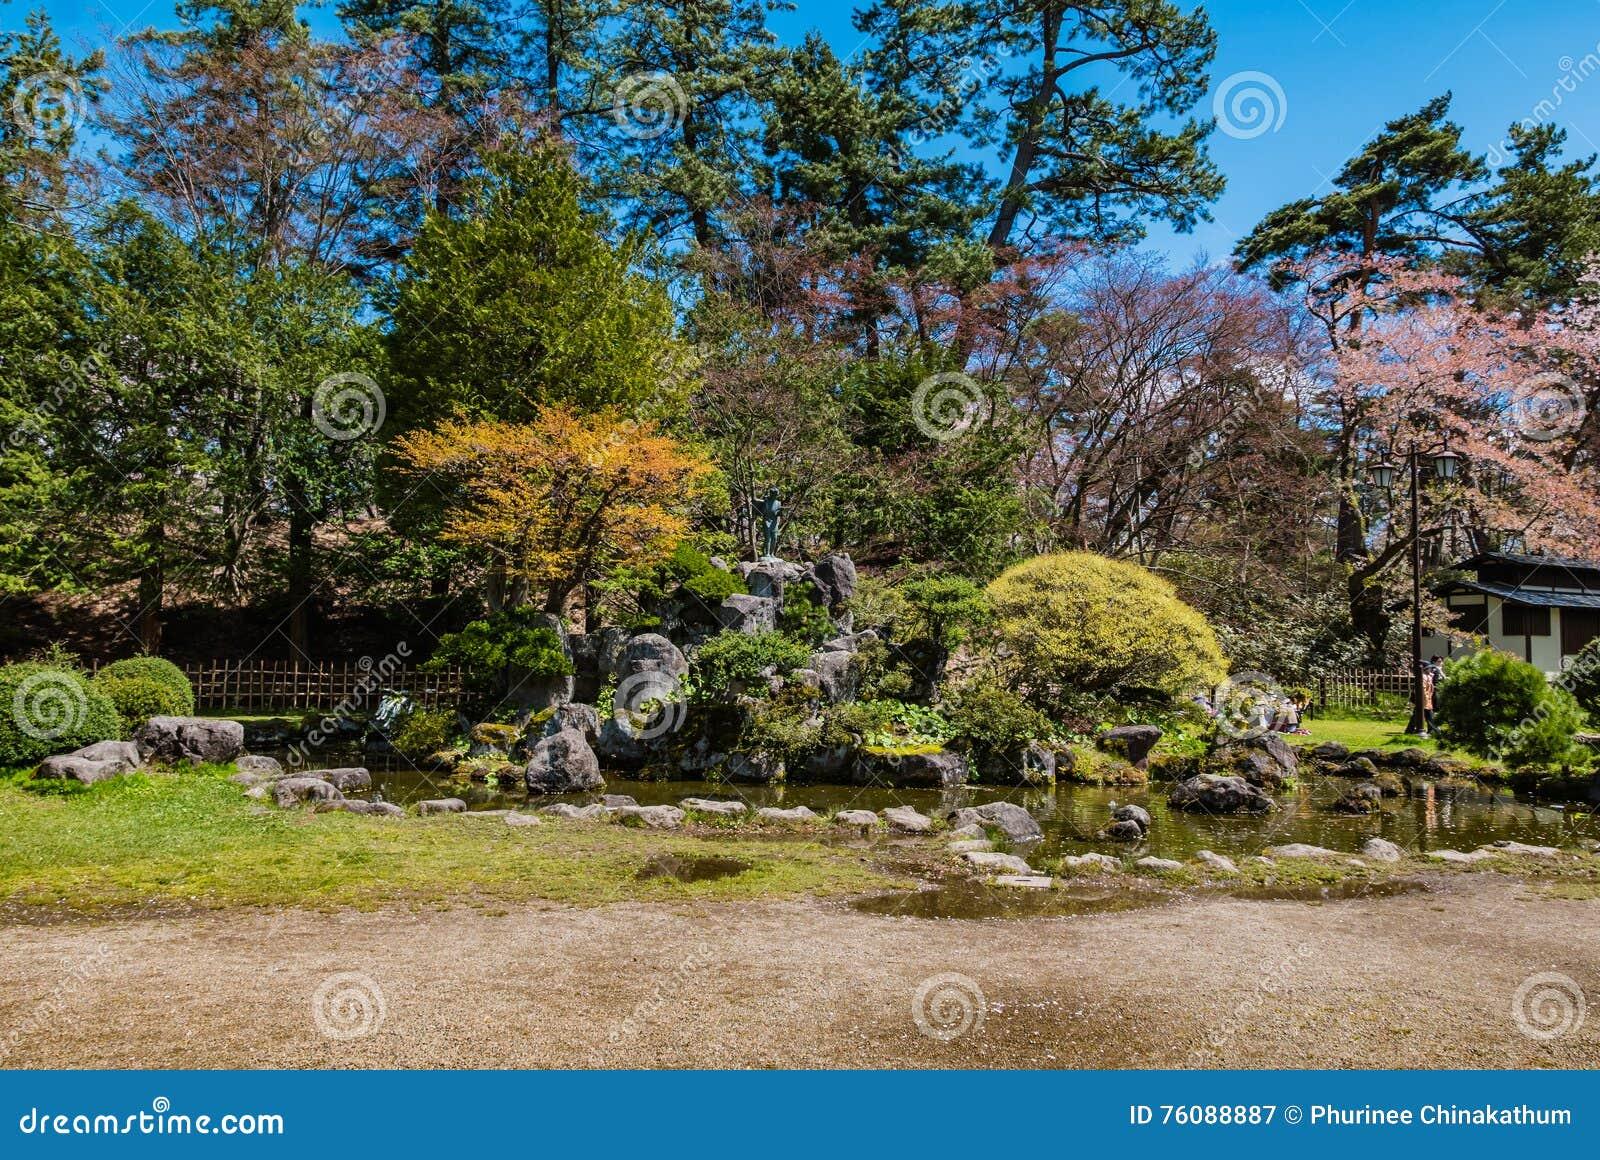 Autour du parc de château de Hirosaki